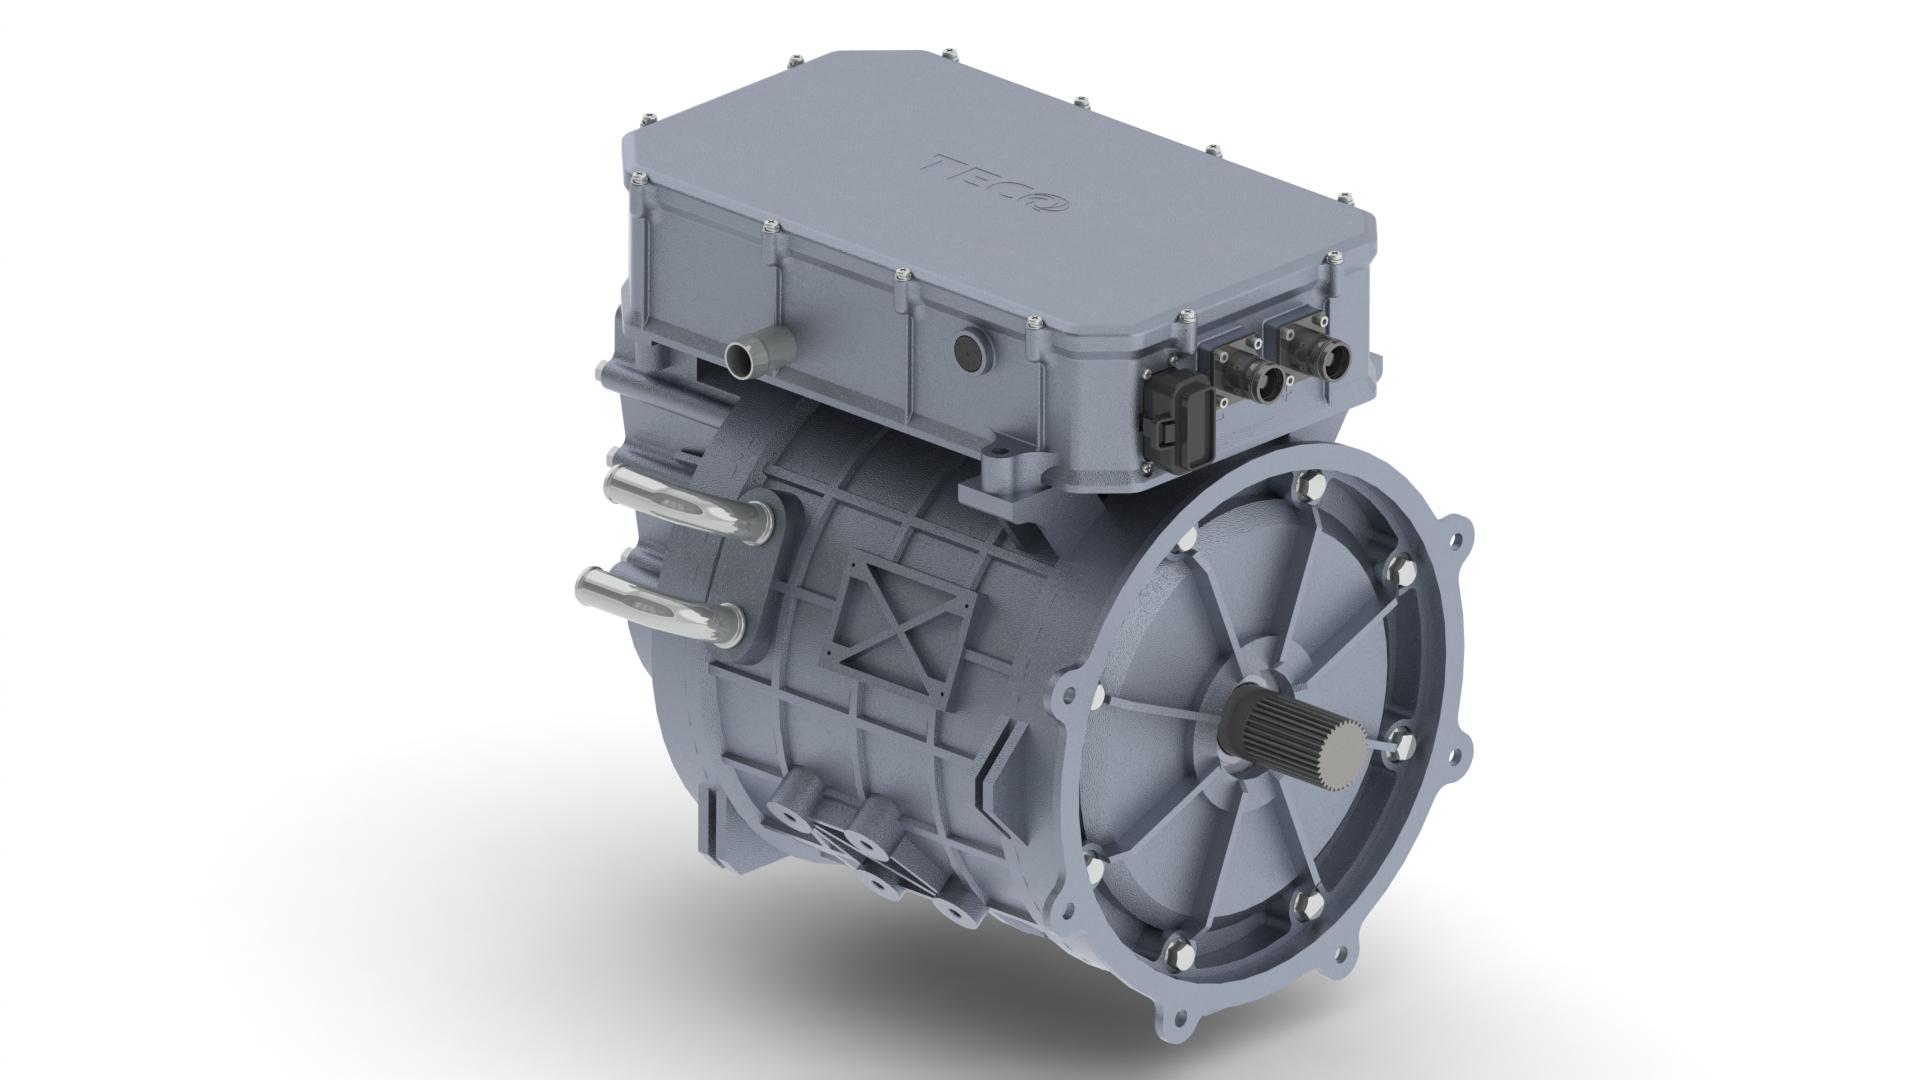 高效能次世代電動車用動力系統